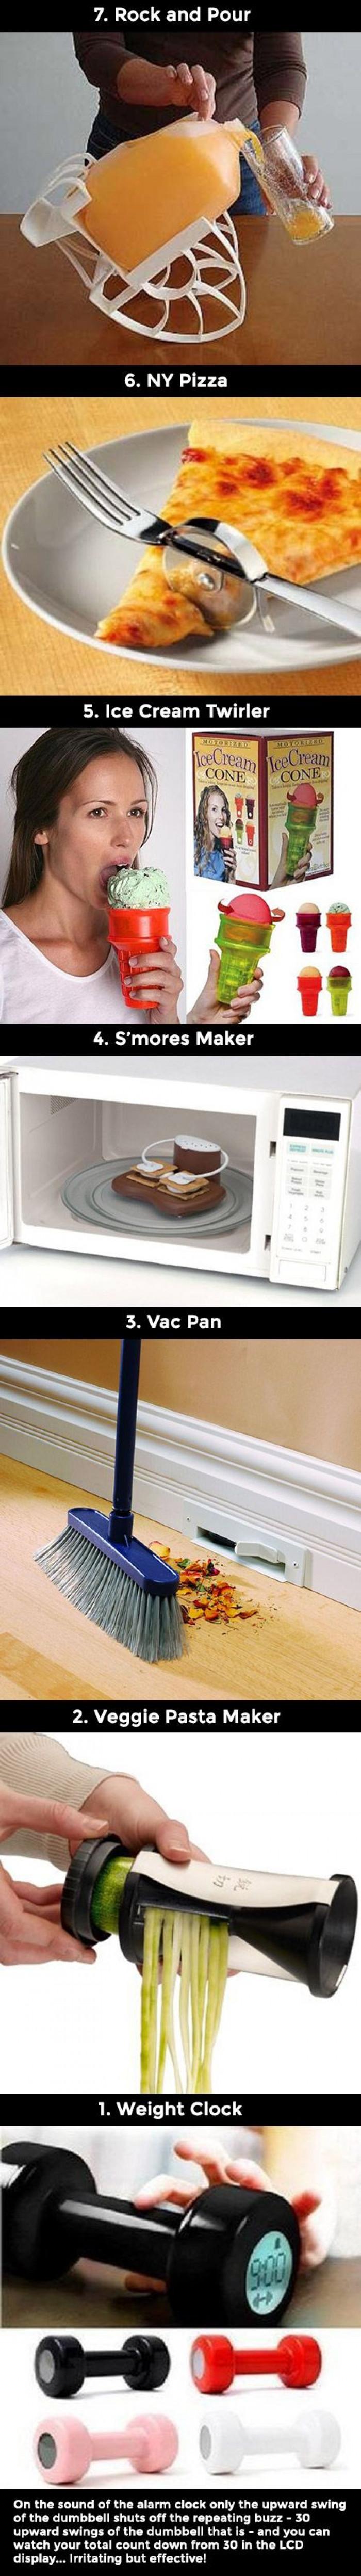 7 More Genius Inventions